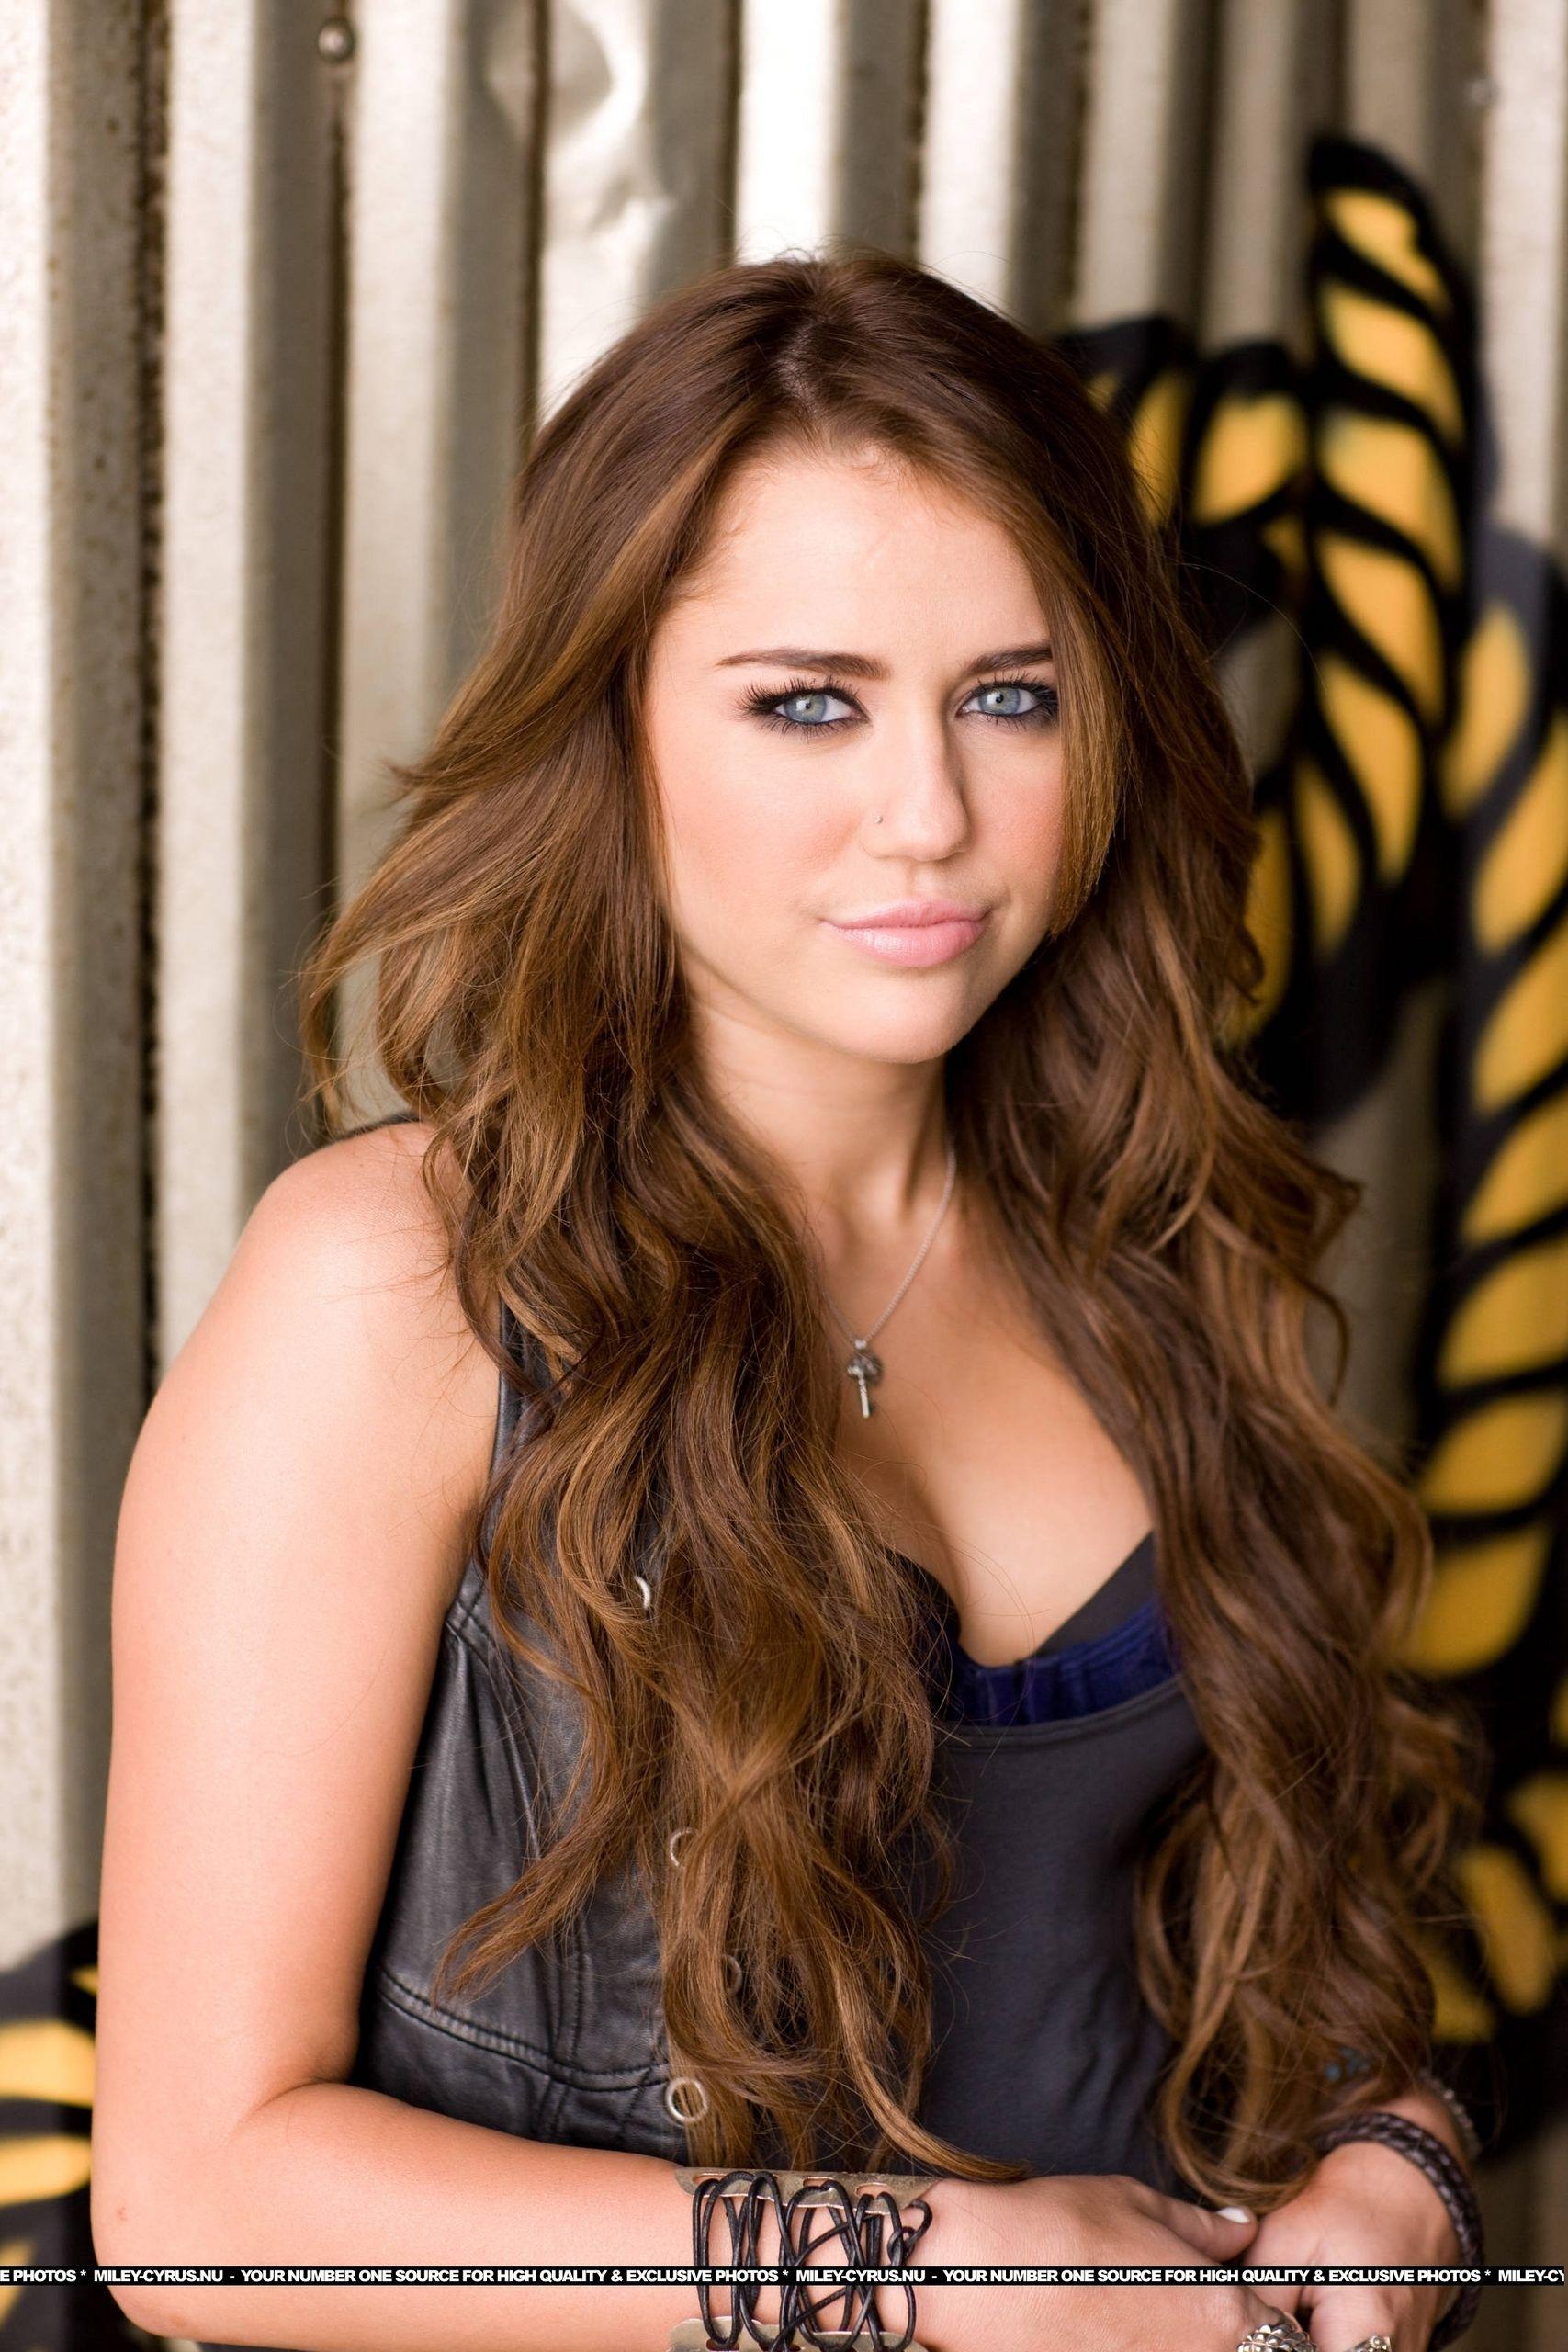 Pin By Stephani Ramalho On C Y R U S In 2020 Miley Cyrus Brown Hair Miley Cyrus Long Hair Miley Cyrus Hair